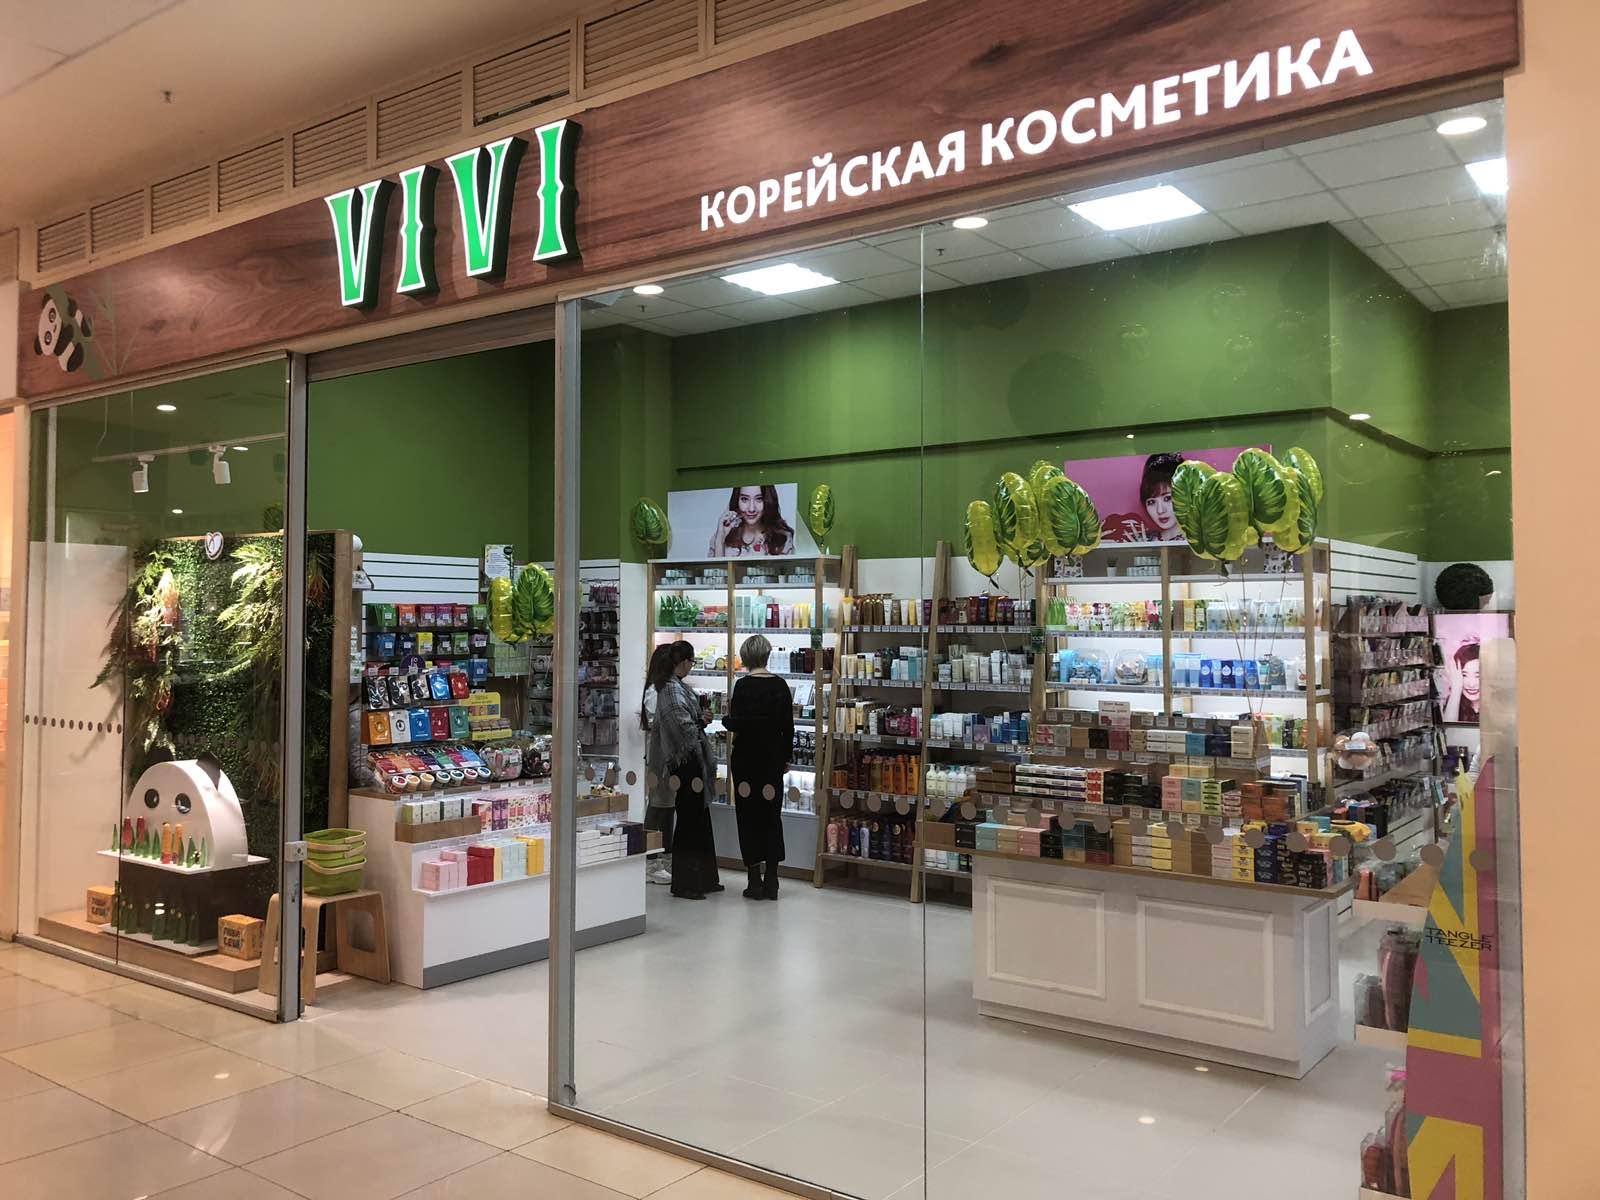 Корейская косметика уфа купить белорусская косметика купить в москве адреса